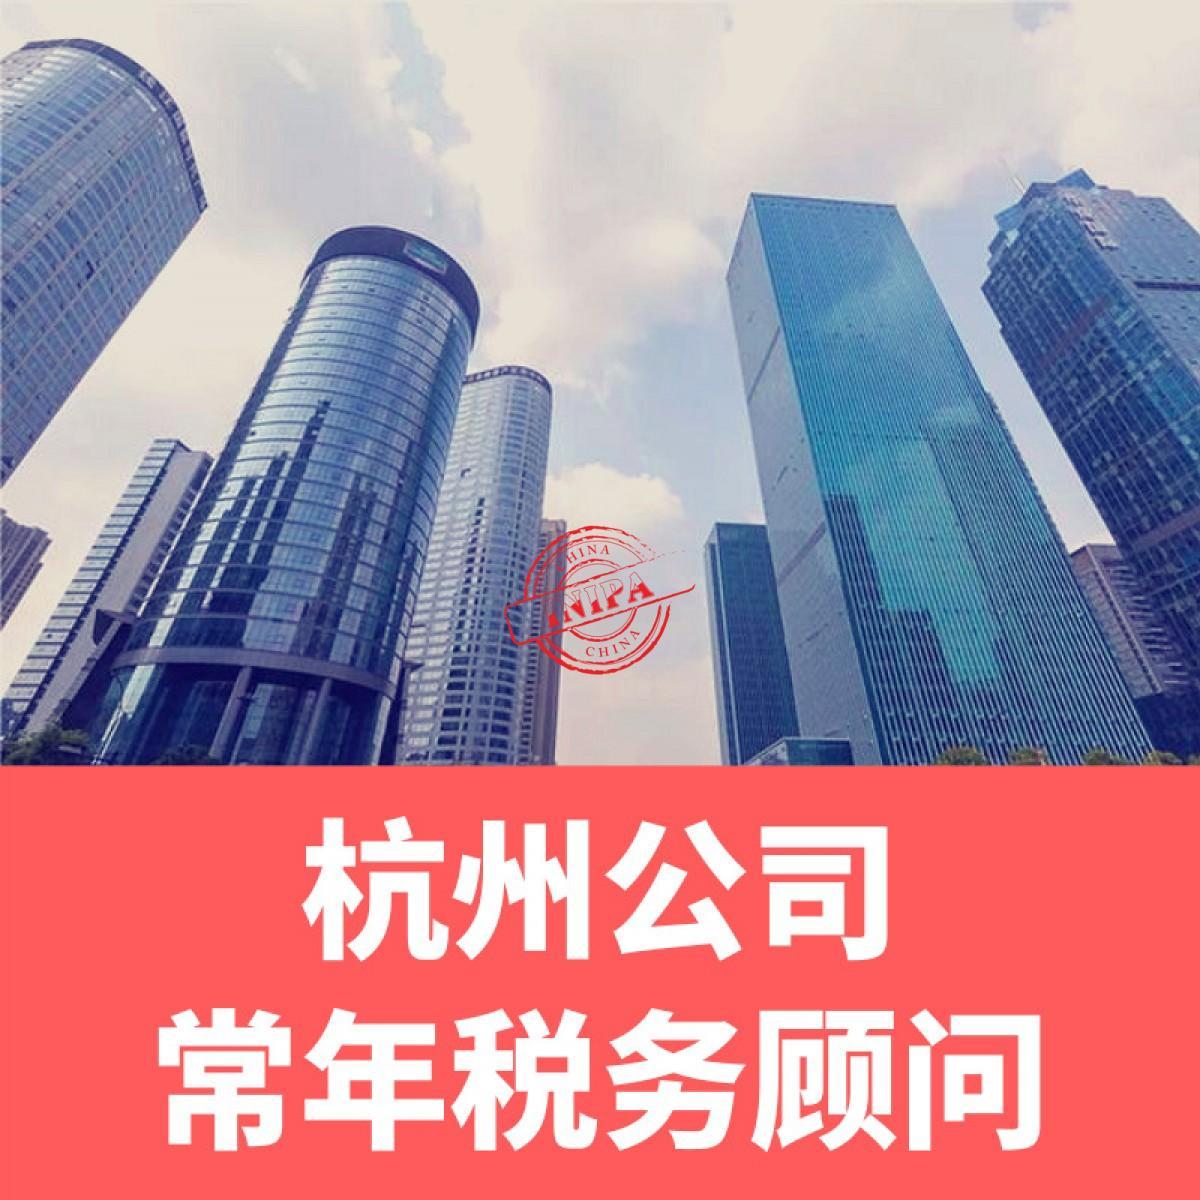 杭州公司常年税务顾问_专为企业提供财税顾问服务